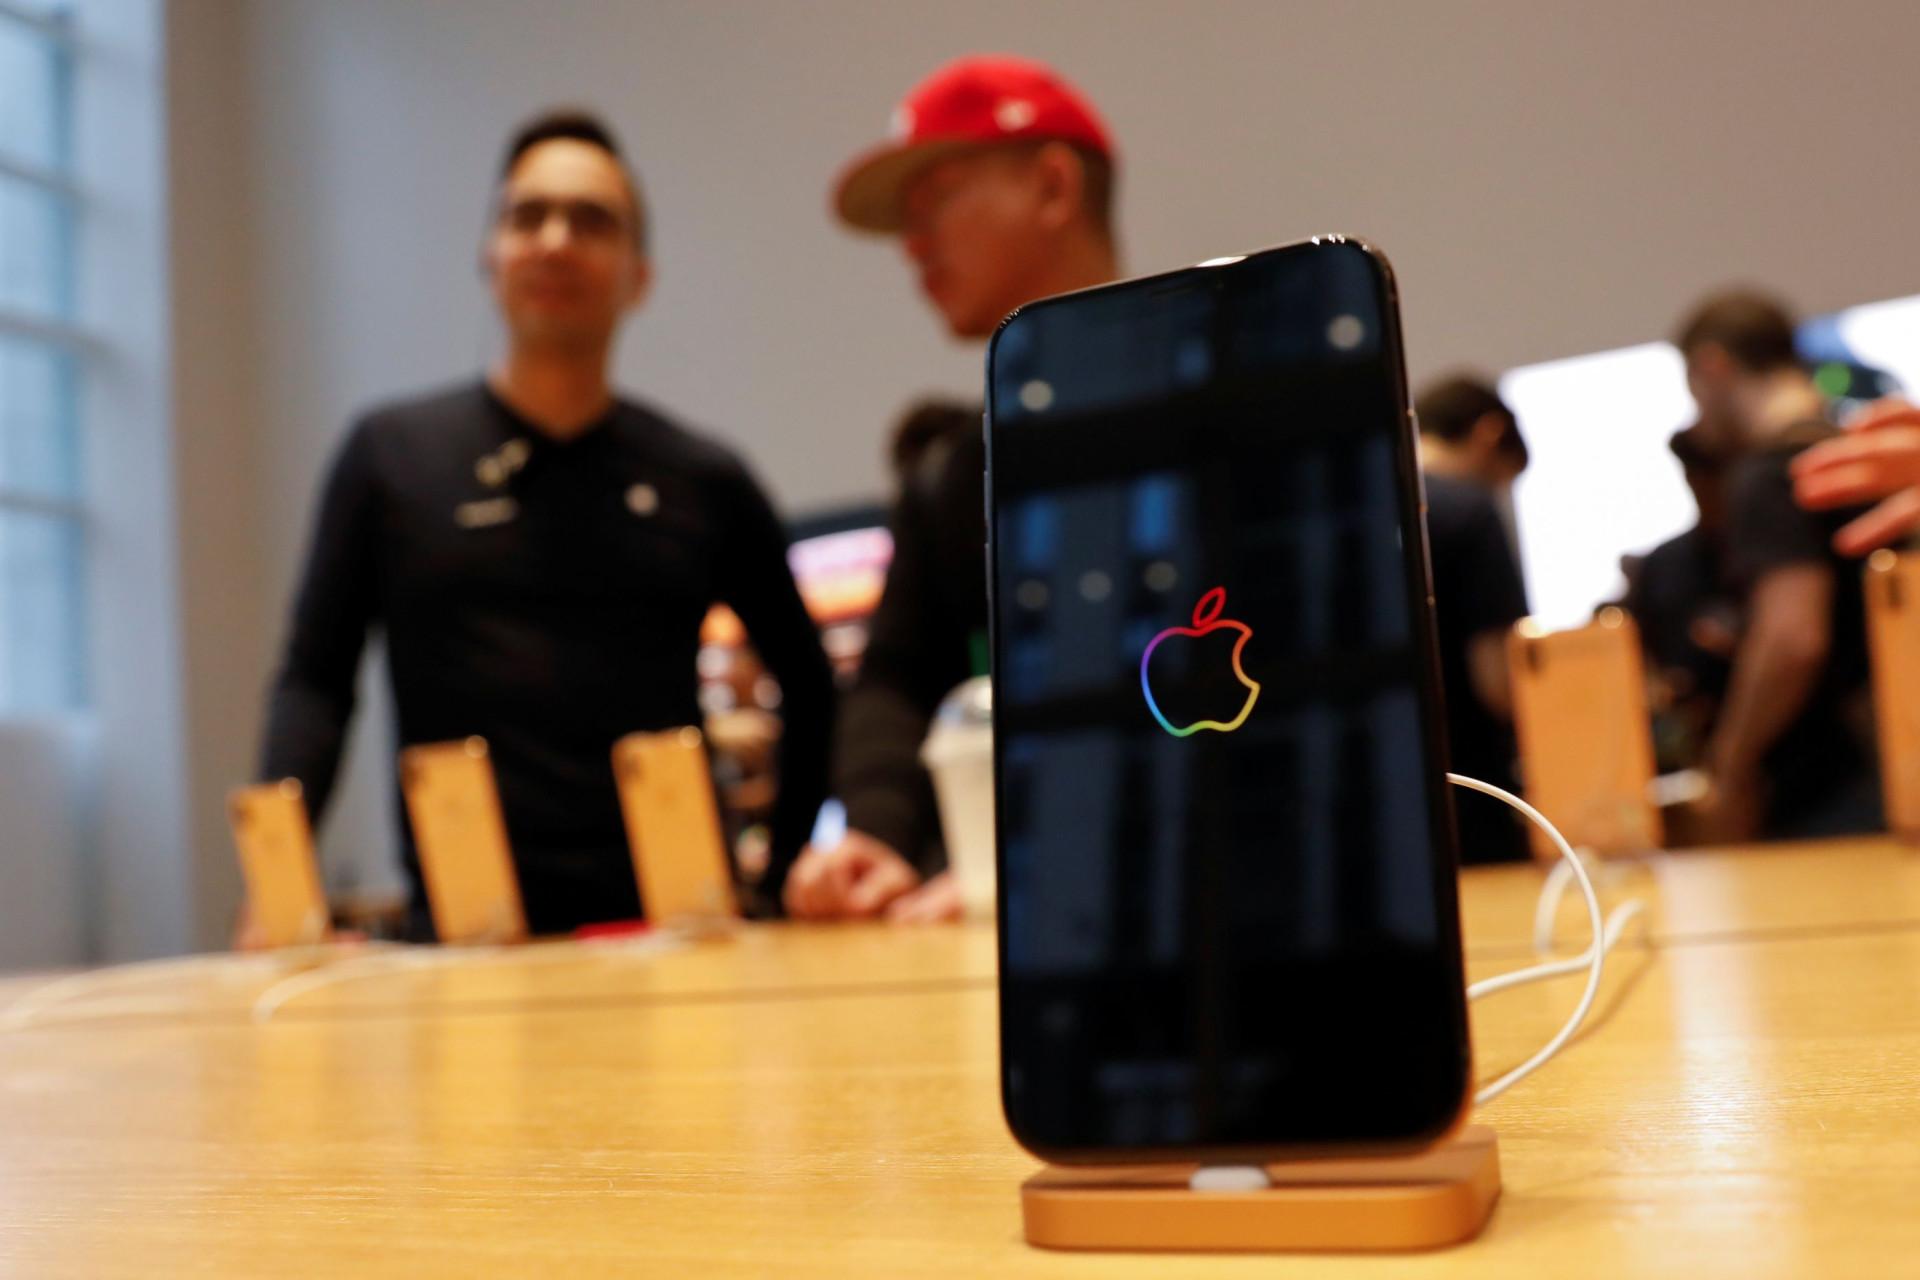 Problemas com a bateria do iPhone? Veja dicas para resolvê-los